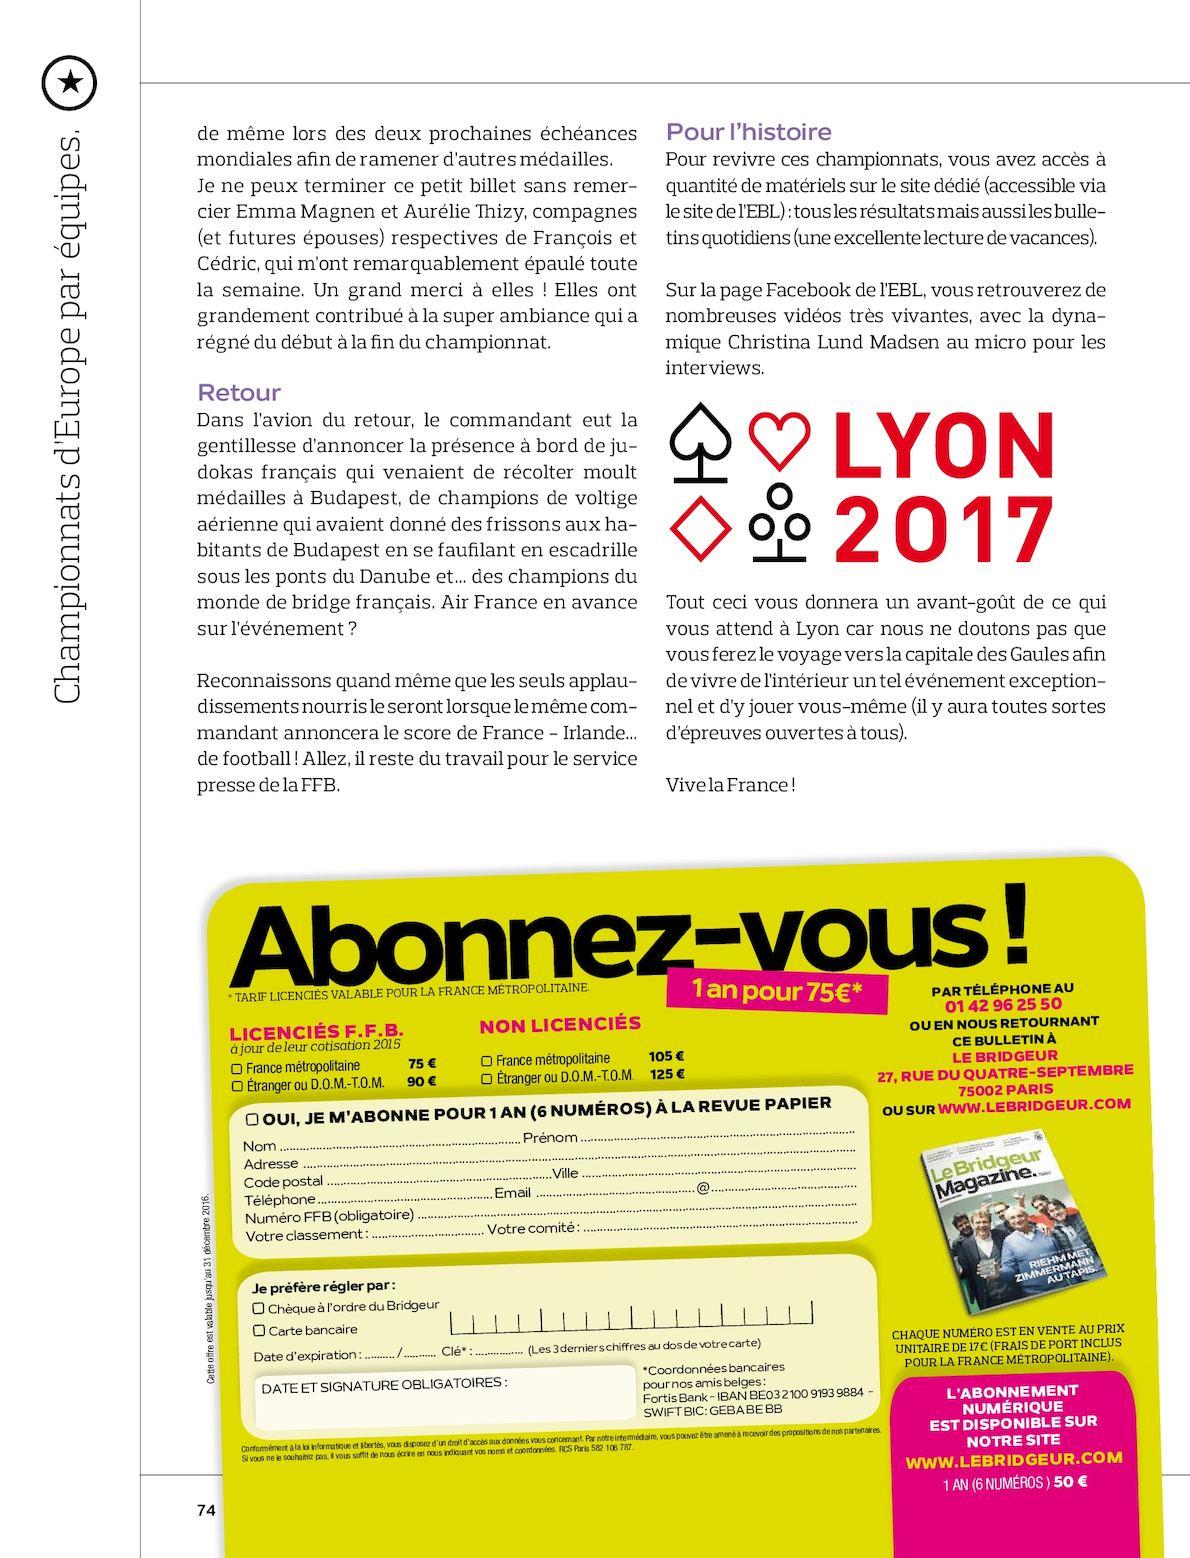 Carte Bancaire Fortis.Le Bridgeur Magazine N 904 Juillet Aout 2016 Calameo Downloader